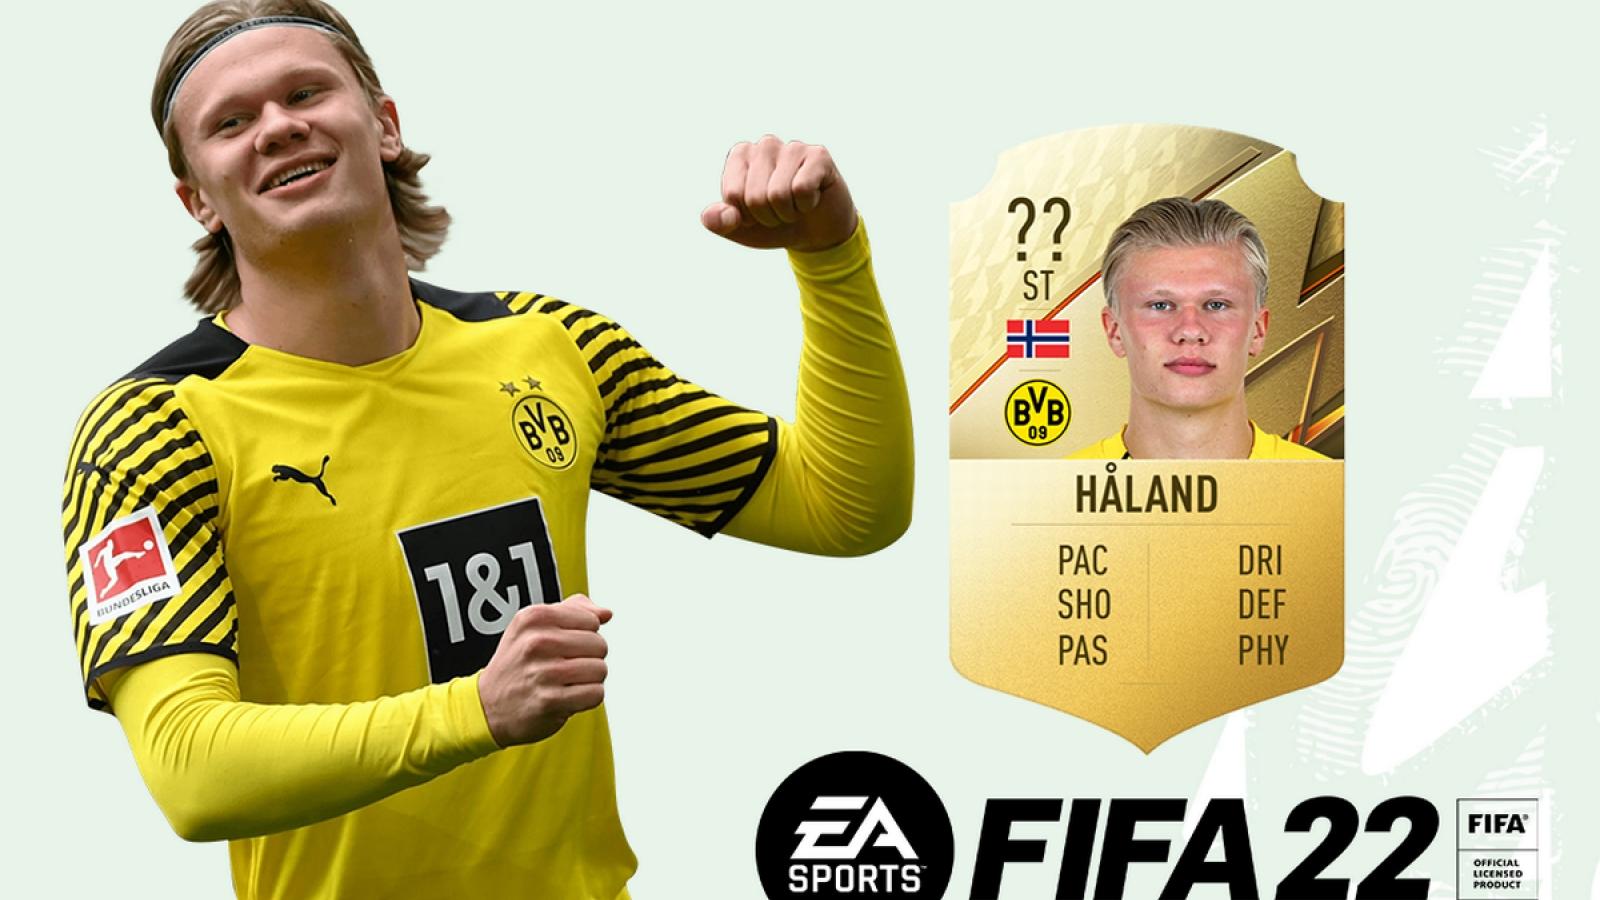 Top 10 cầu thủ trẻ hay nhất trong FIFA 22: Haaland không có đối thủ